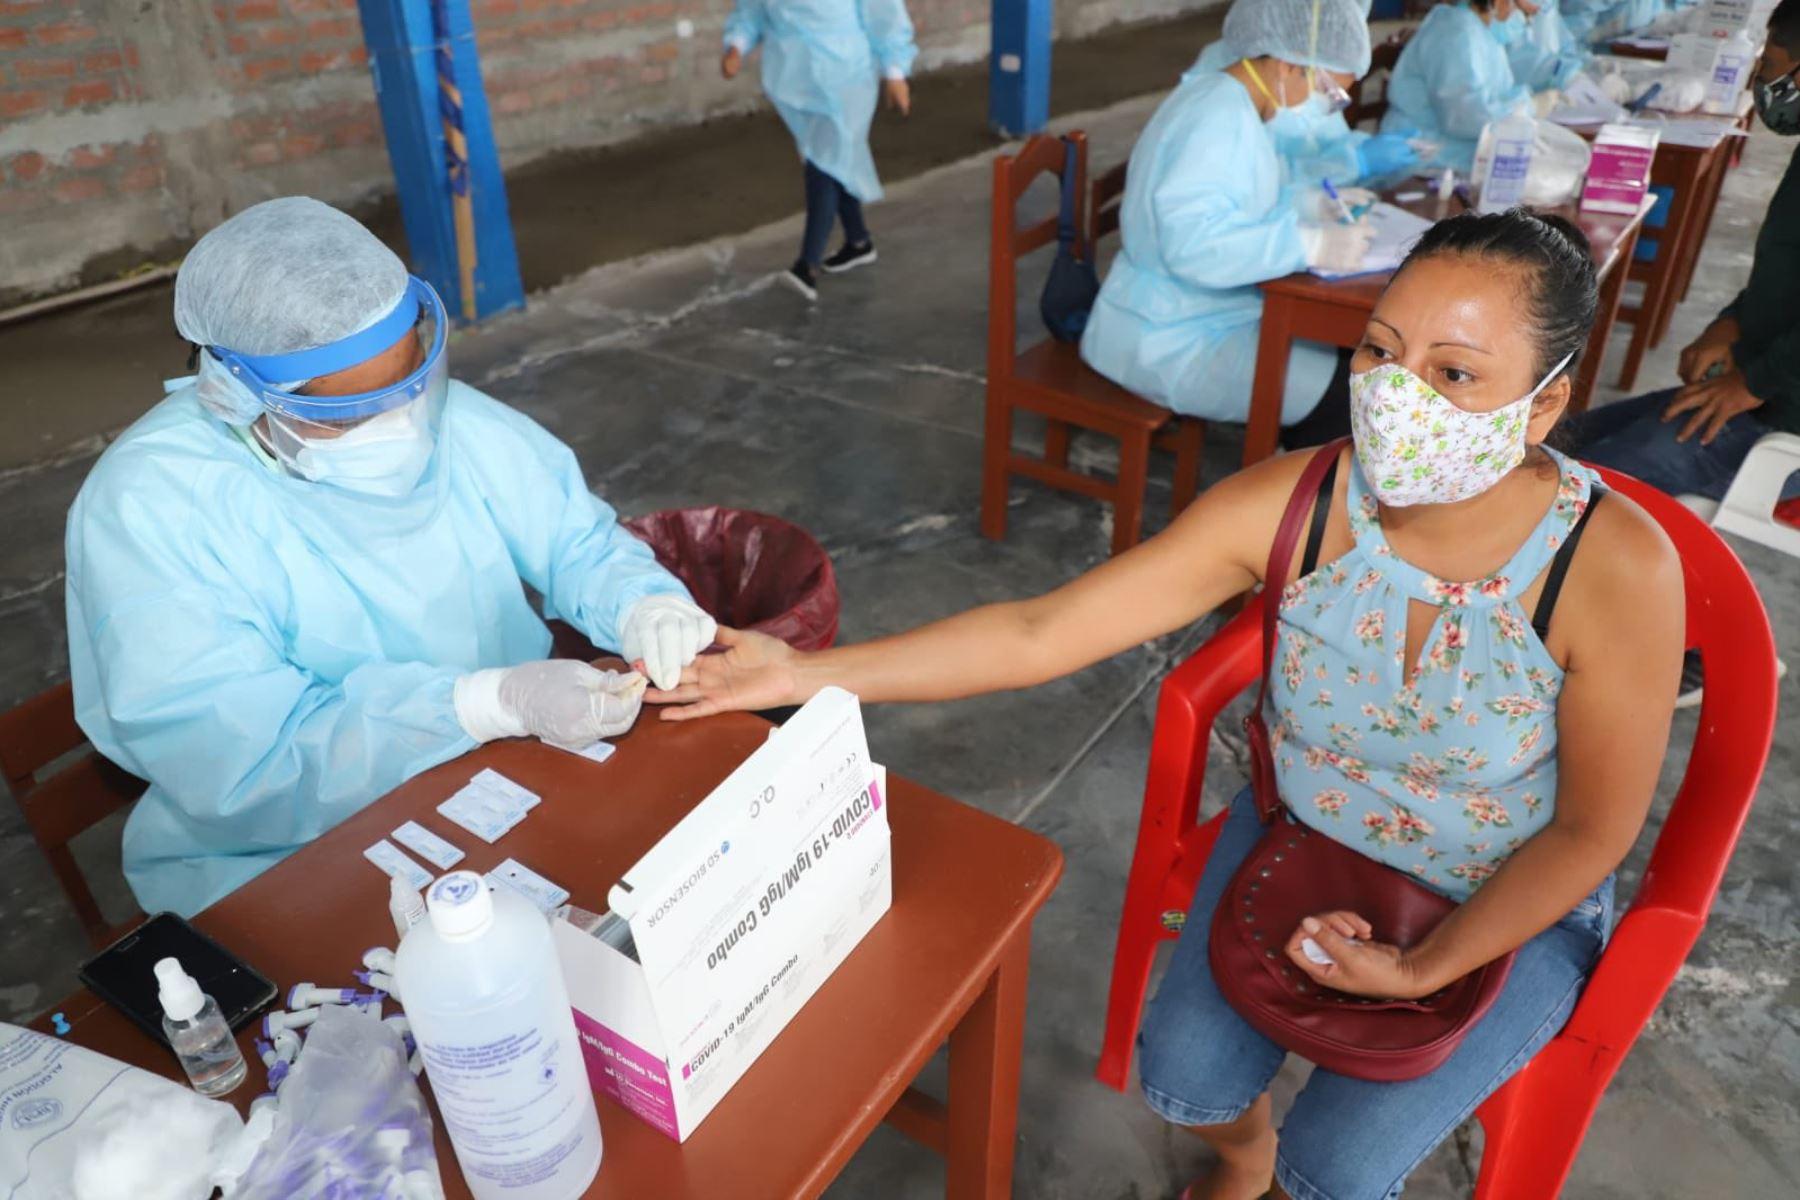 Fuerzas Armadas brinda ayuda humanitaria en Bagua Chica- Amazonas, sobre atenciones médicas en ginecología, obstetricia, medicina interna y general, ecografía y pruebas de descarte covid-19. Foto: FF.AA